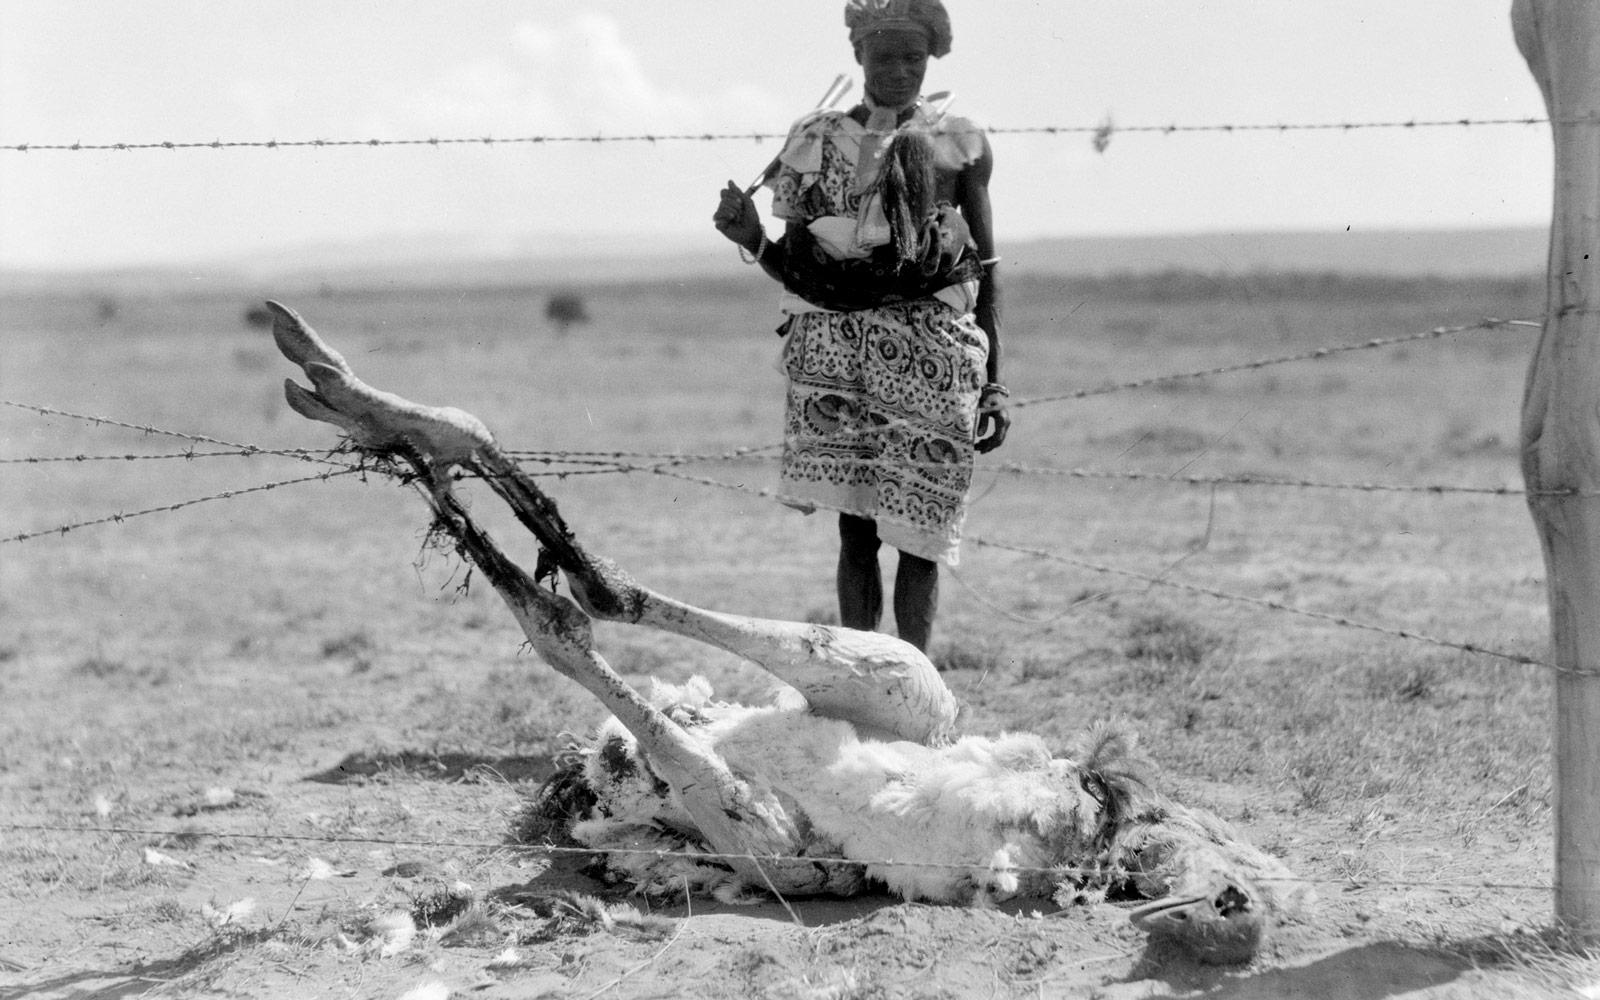 Un estruç mort amb els peus enredats en filferro de pues. Rift Valley, 1936